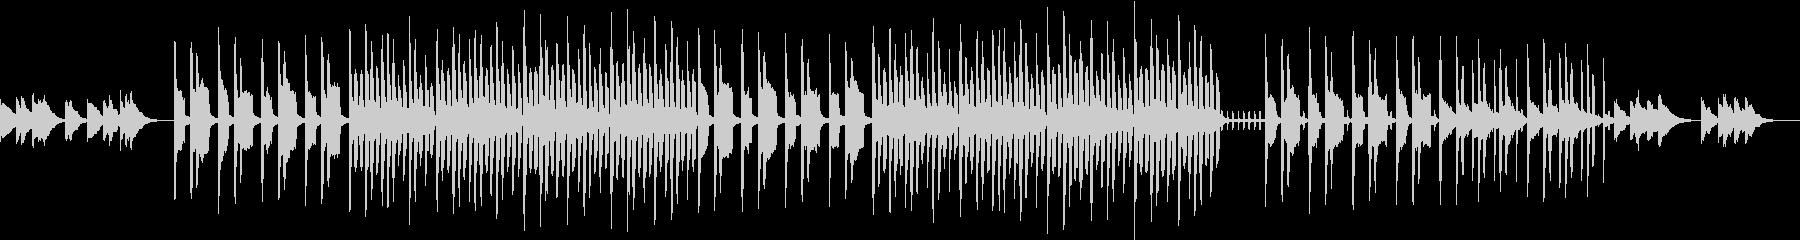 ヘヴィなシンセのSFホラーな曲の未再生の波形